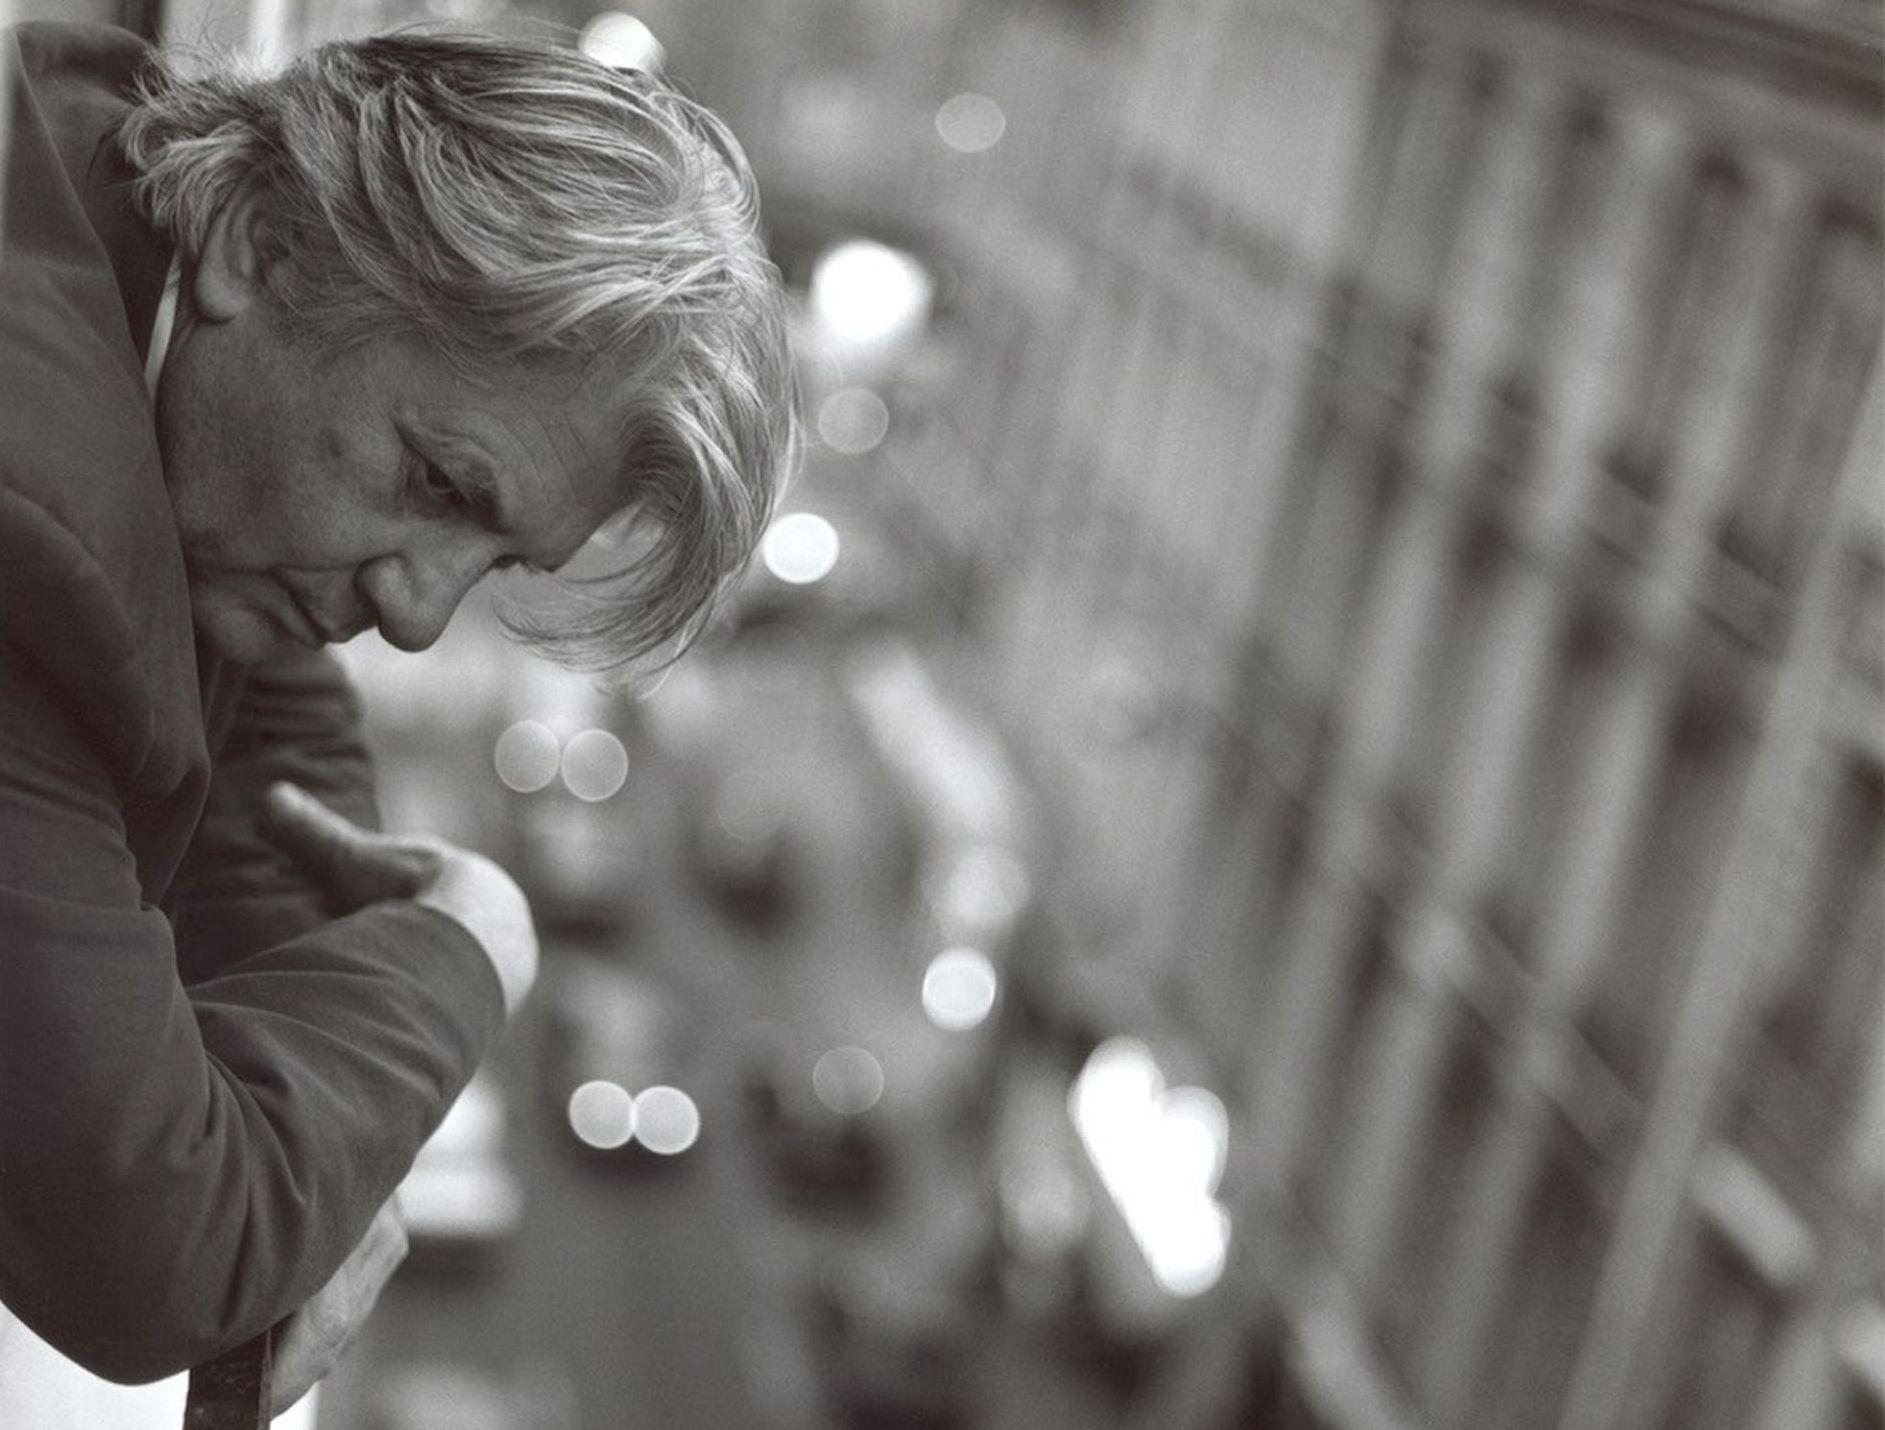 schwarz-weiss Foto eines Mannes, der aus dem Fenster auf die Srasse schaut